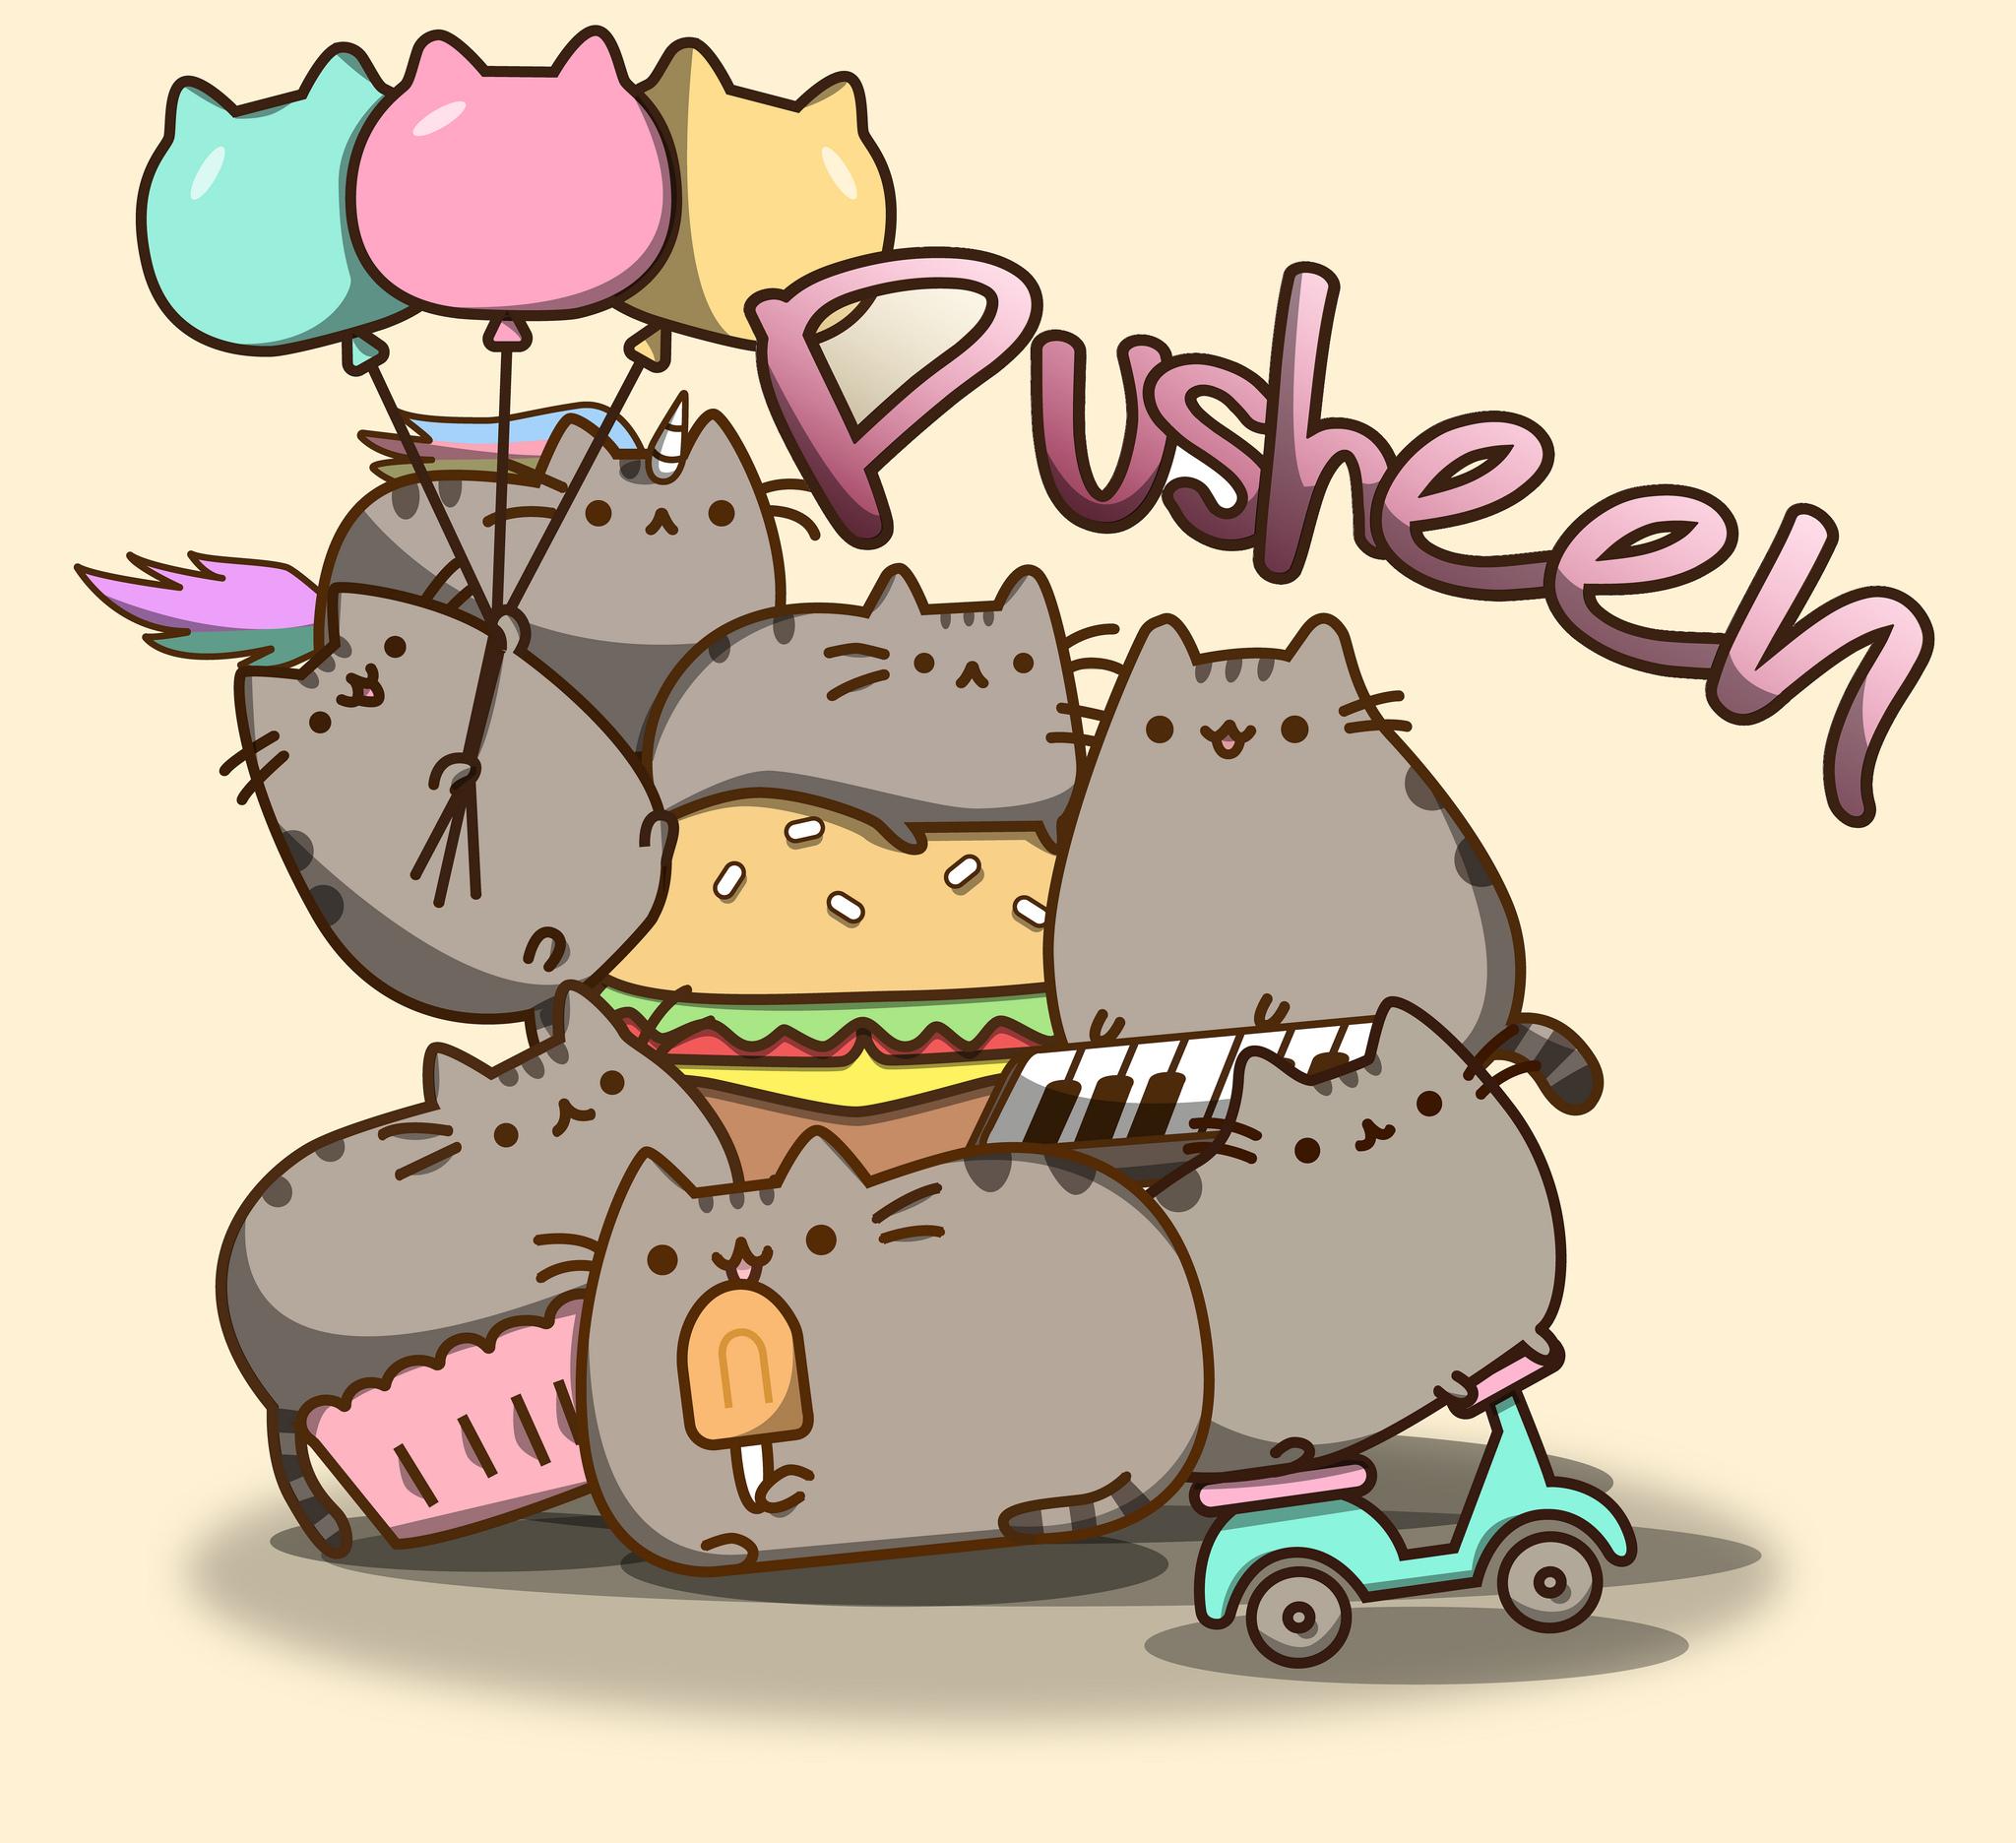 Pusheen Cafè